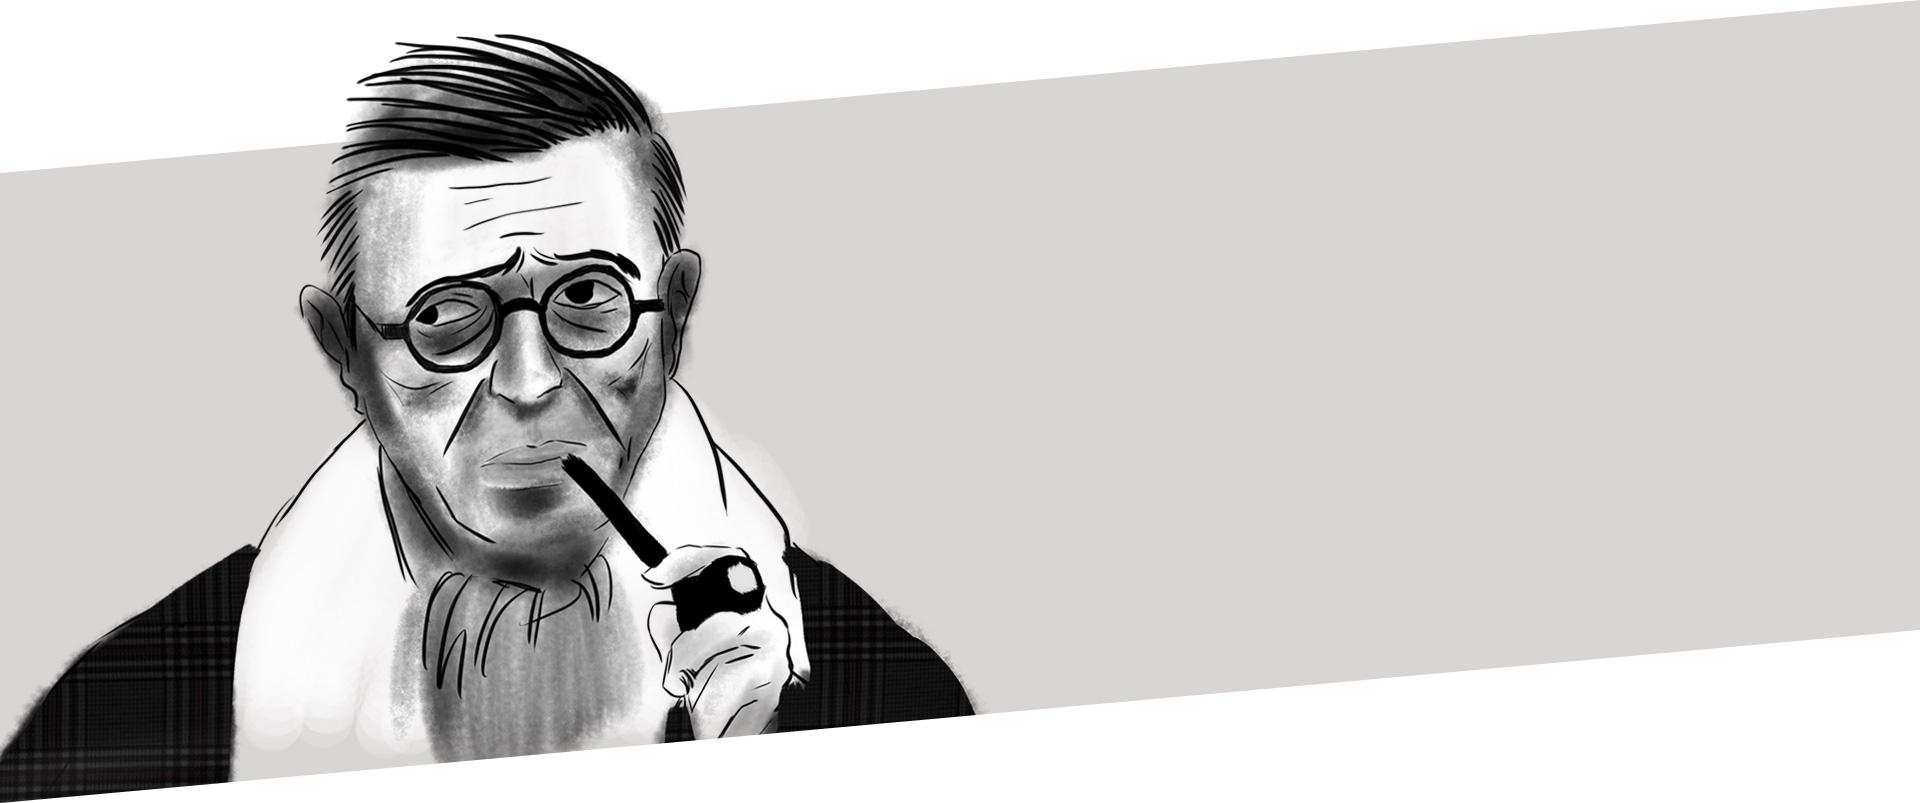 Jean Paul Sartre è stato filofoso, scrittore e pensatore